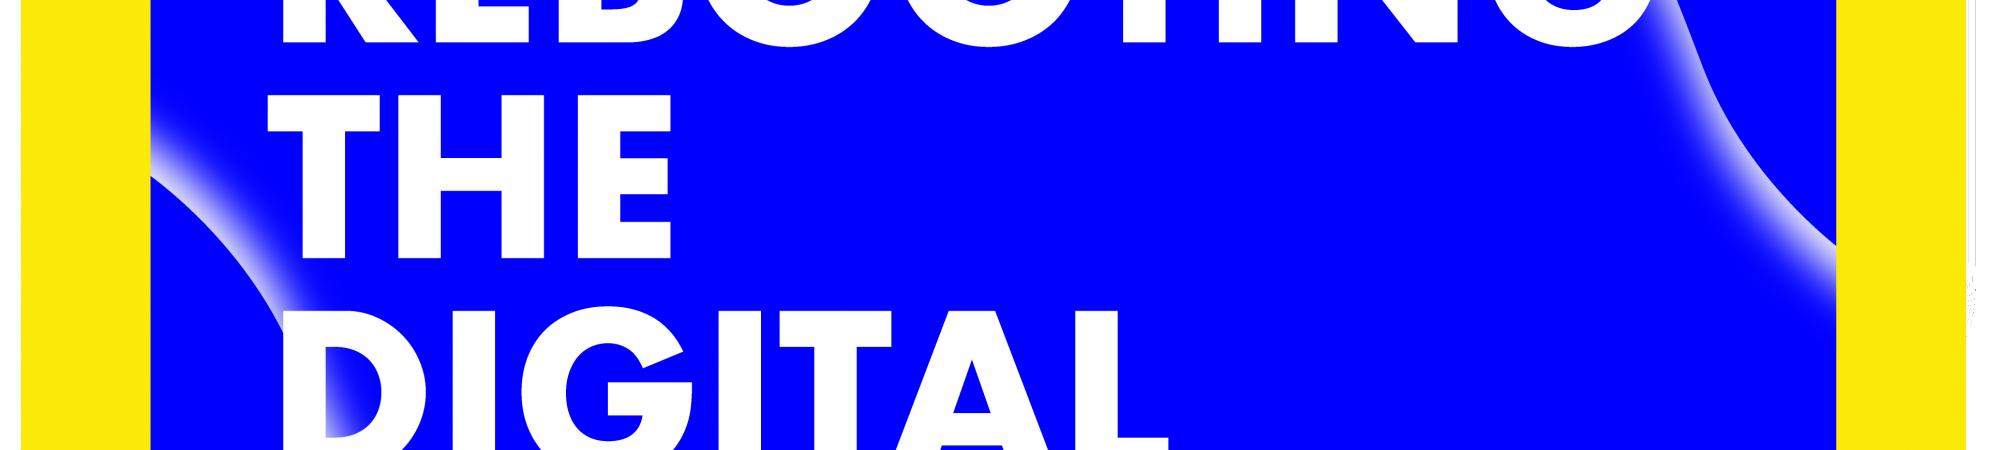 Rebooting Digital City